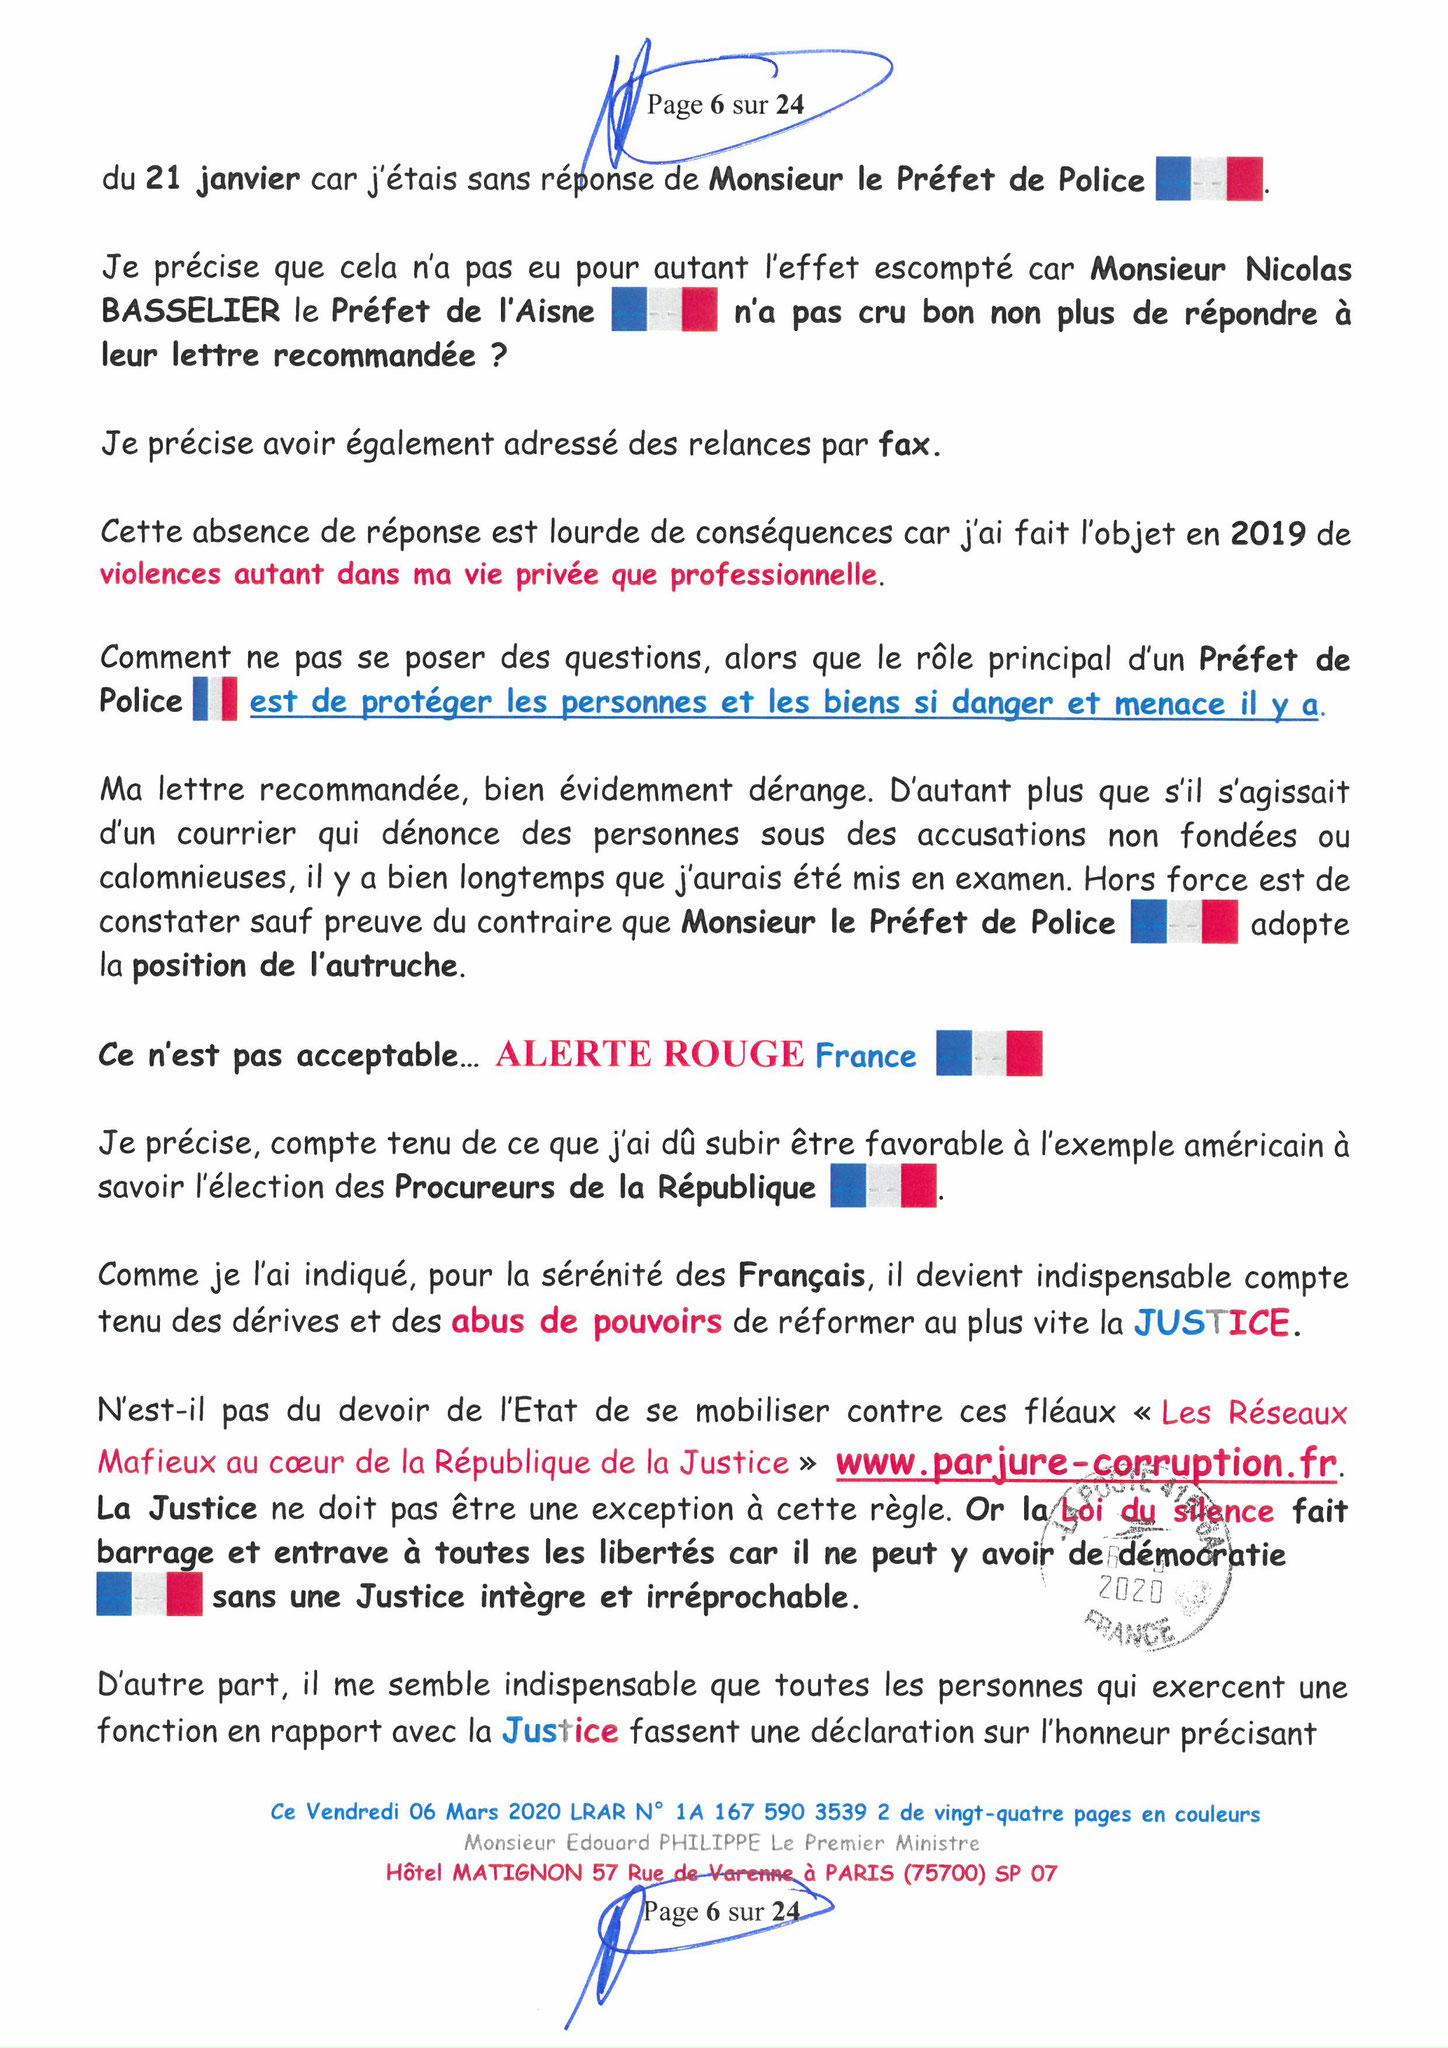 Ma LRAR à Monsieur le  Premier Ministre Edouard PHILIPPE N° 1A 167 590 3539 2 Page 6 sur 24 en Couleur du 06 Mars 2020  www.jesuispatrick.fr